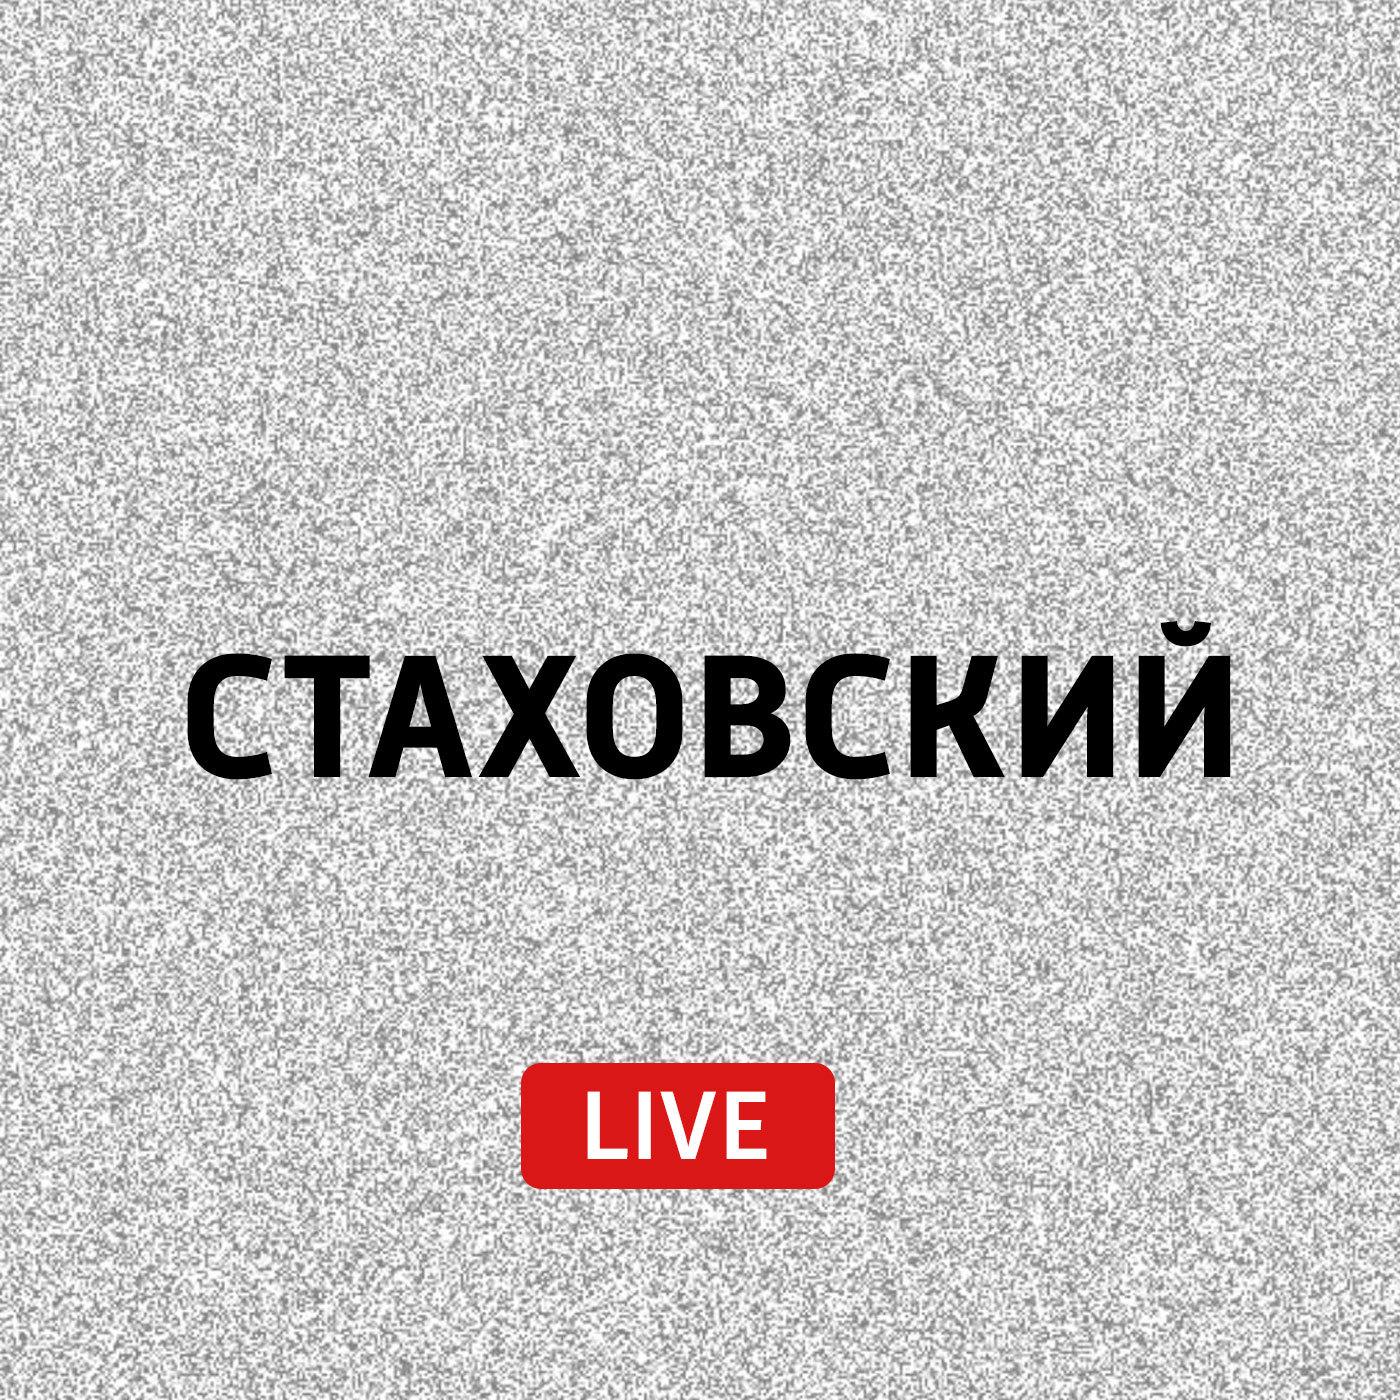 Евгений Стаховский Евгений Стаховский отвечает на сообщения слушателей евгений стаховский жить полной жизнью